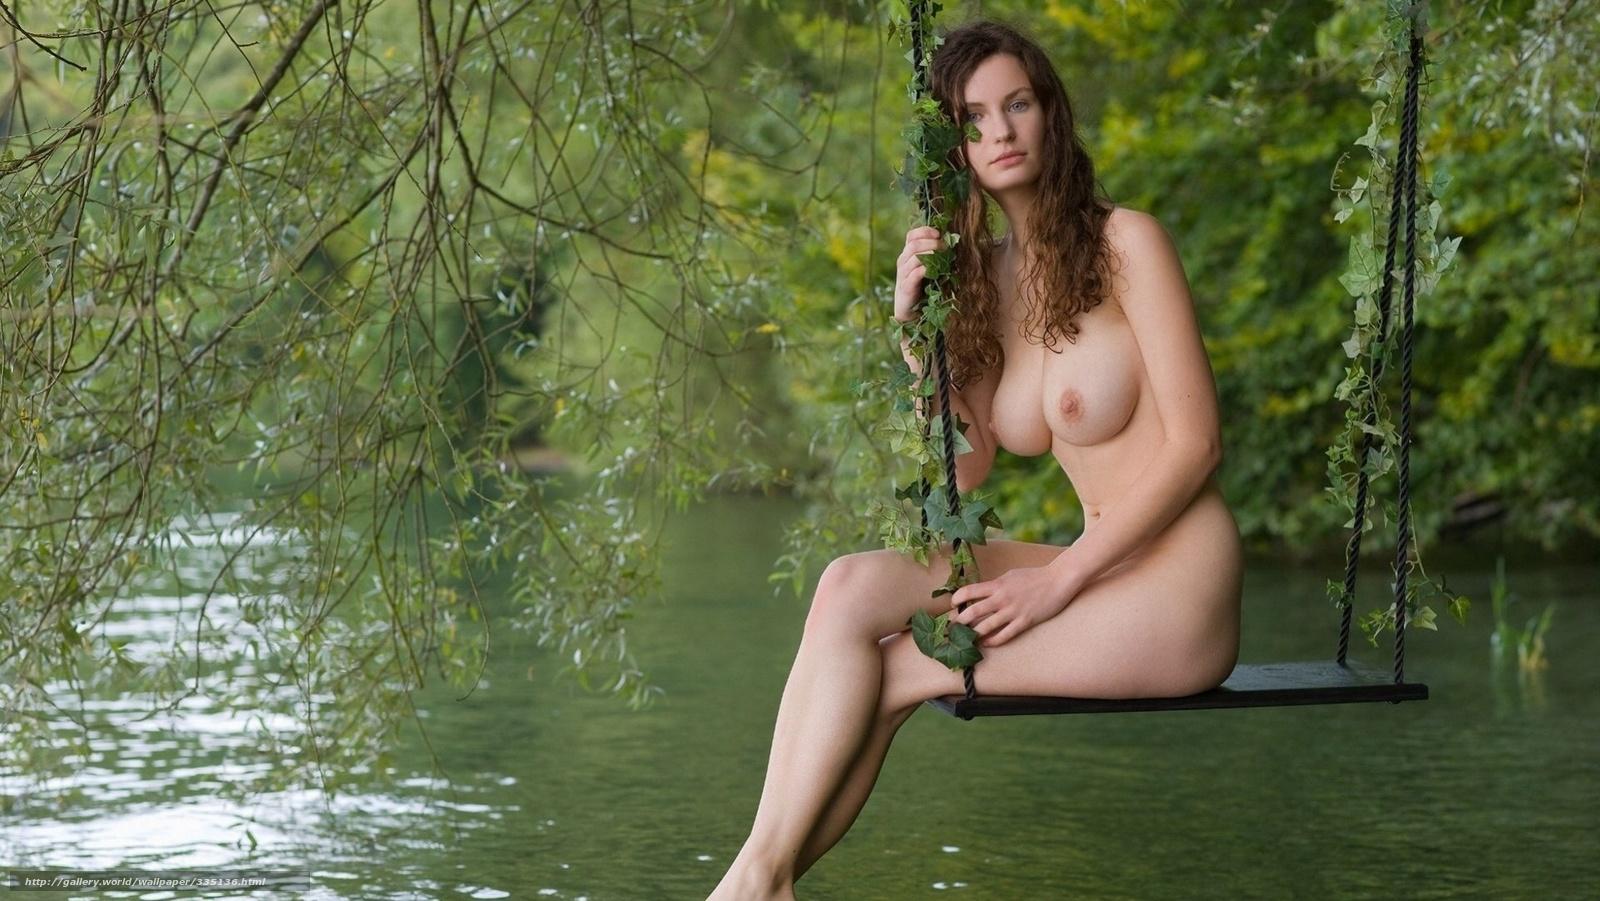 Девушка, грудь, ветки, качеля, озеро, вода, взгляд, позирует фото.